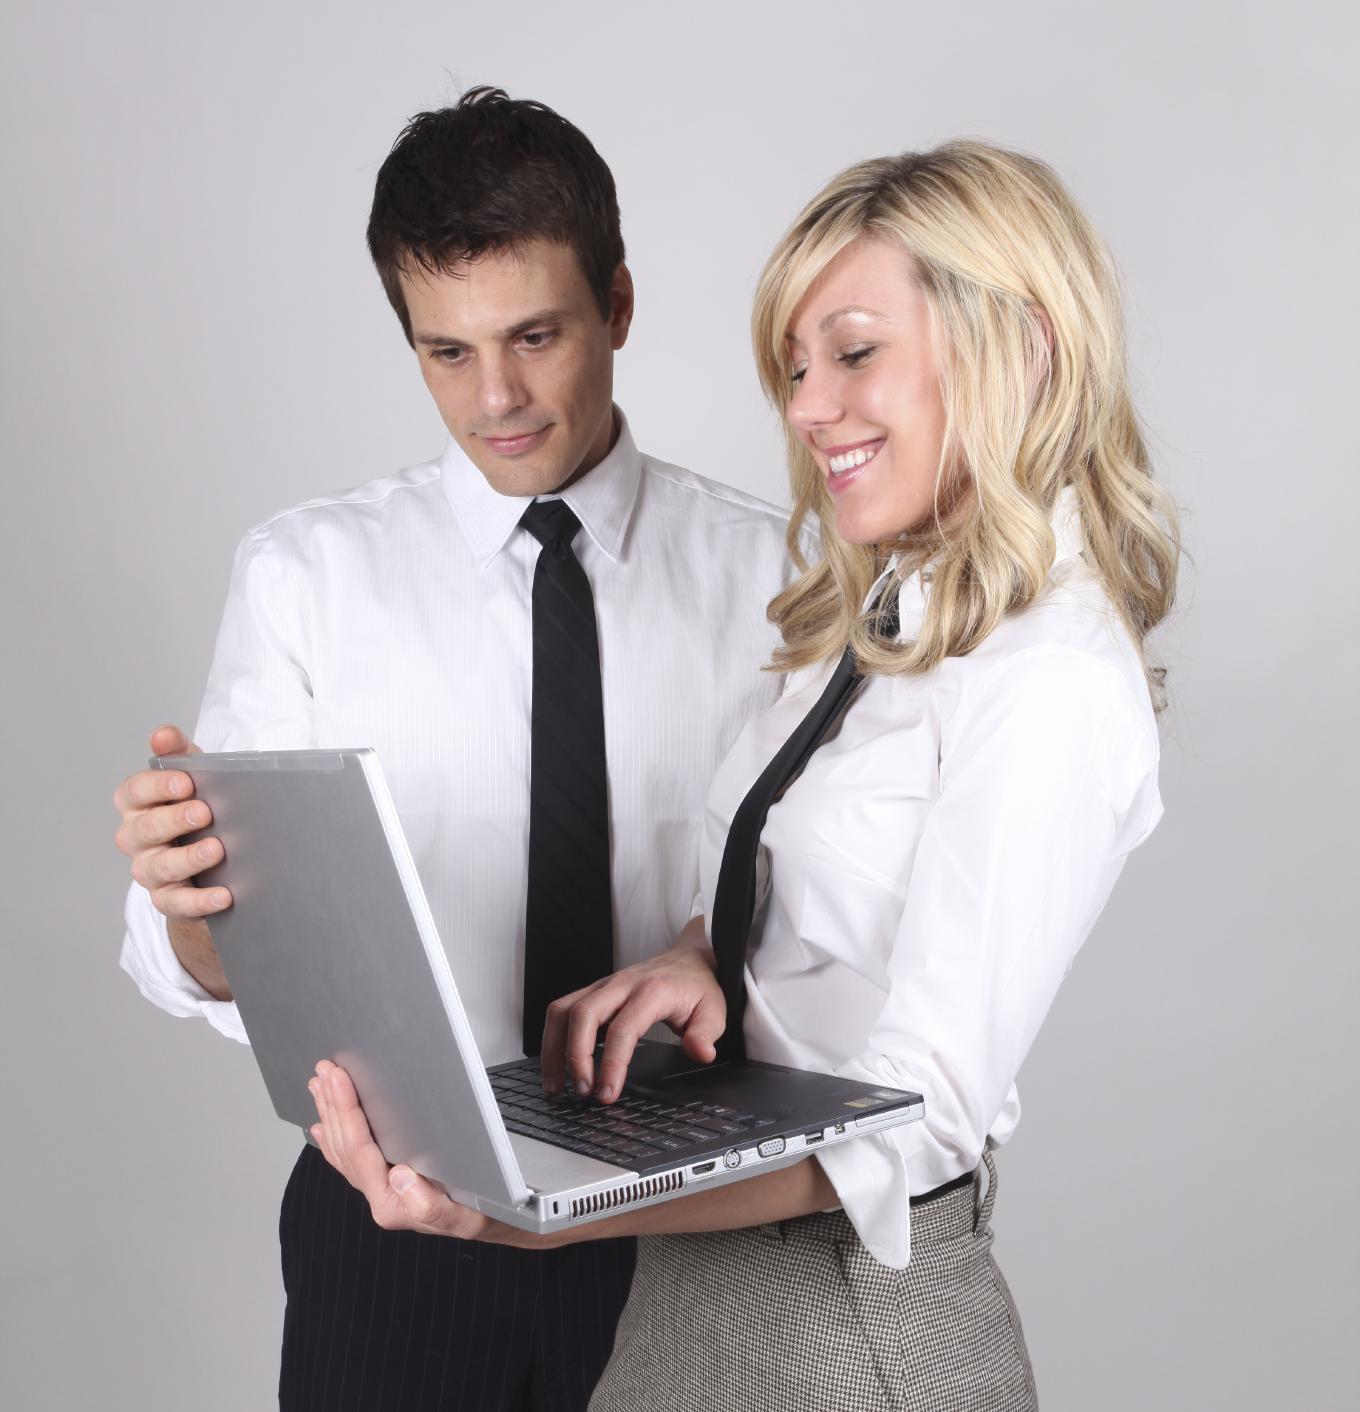 People - Using Laptop